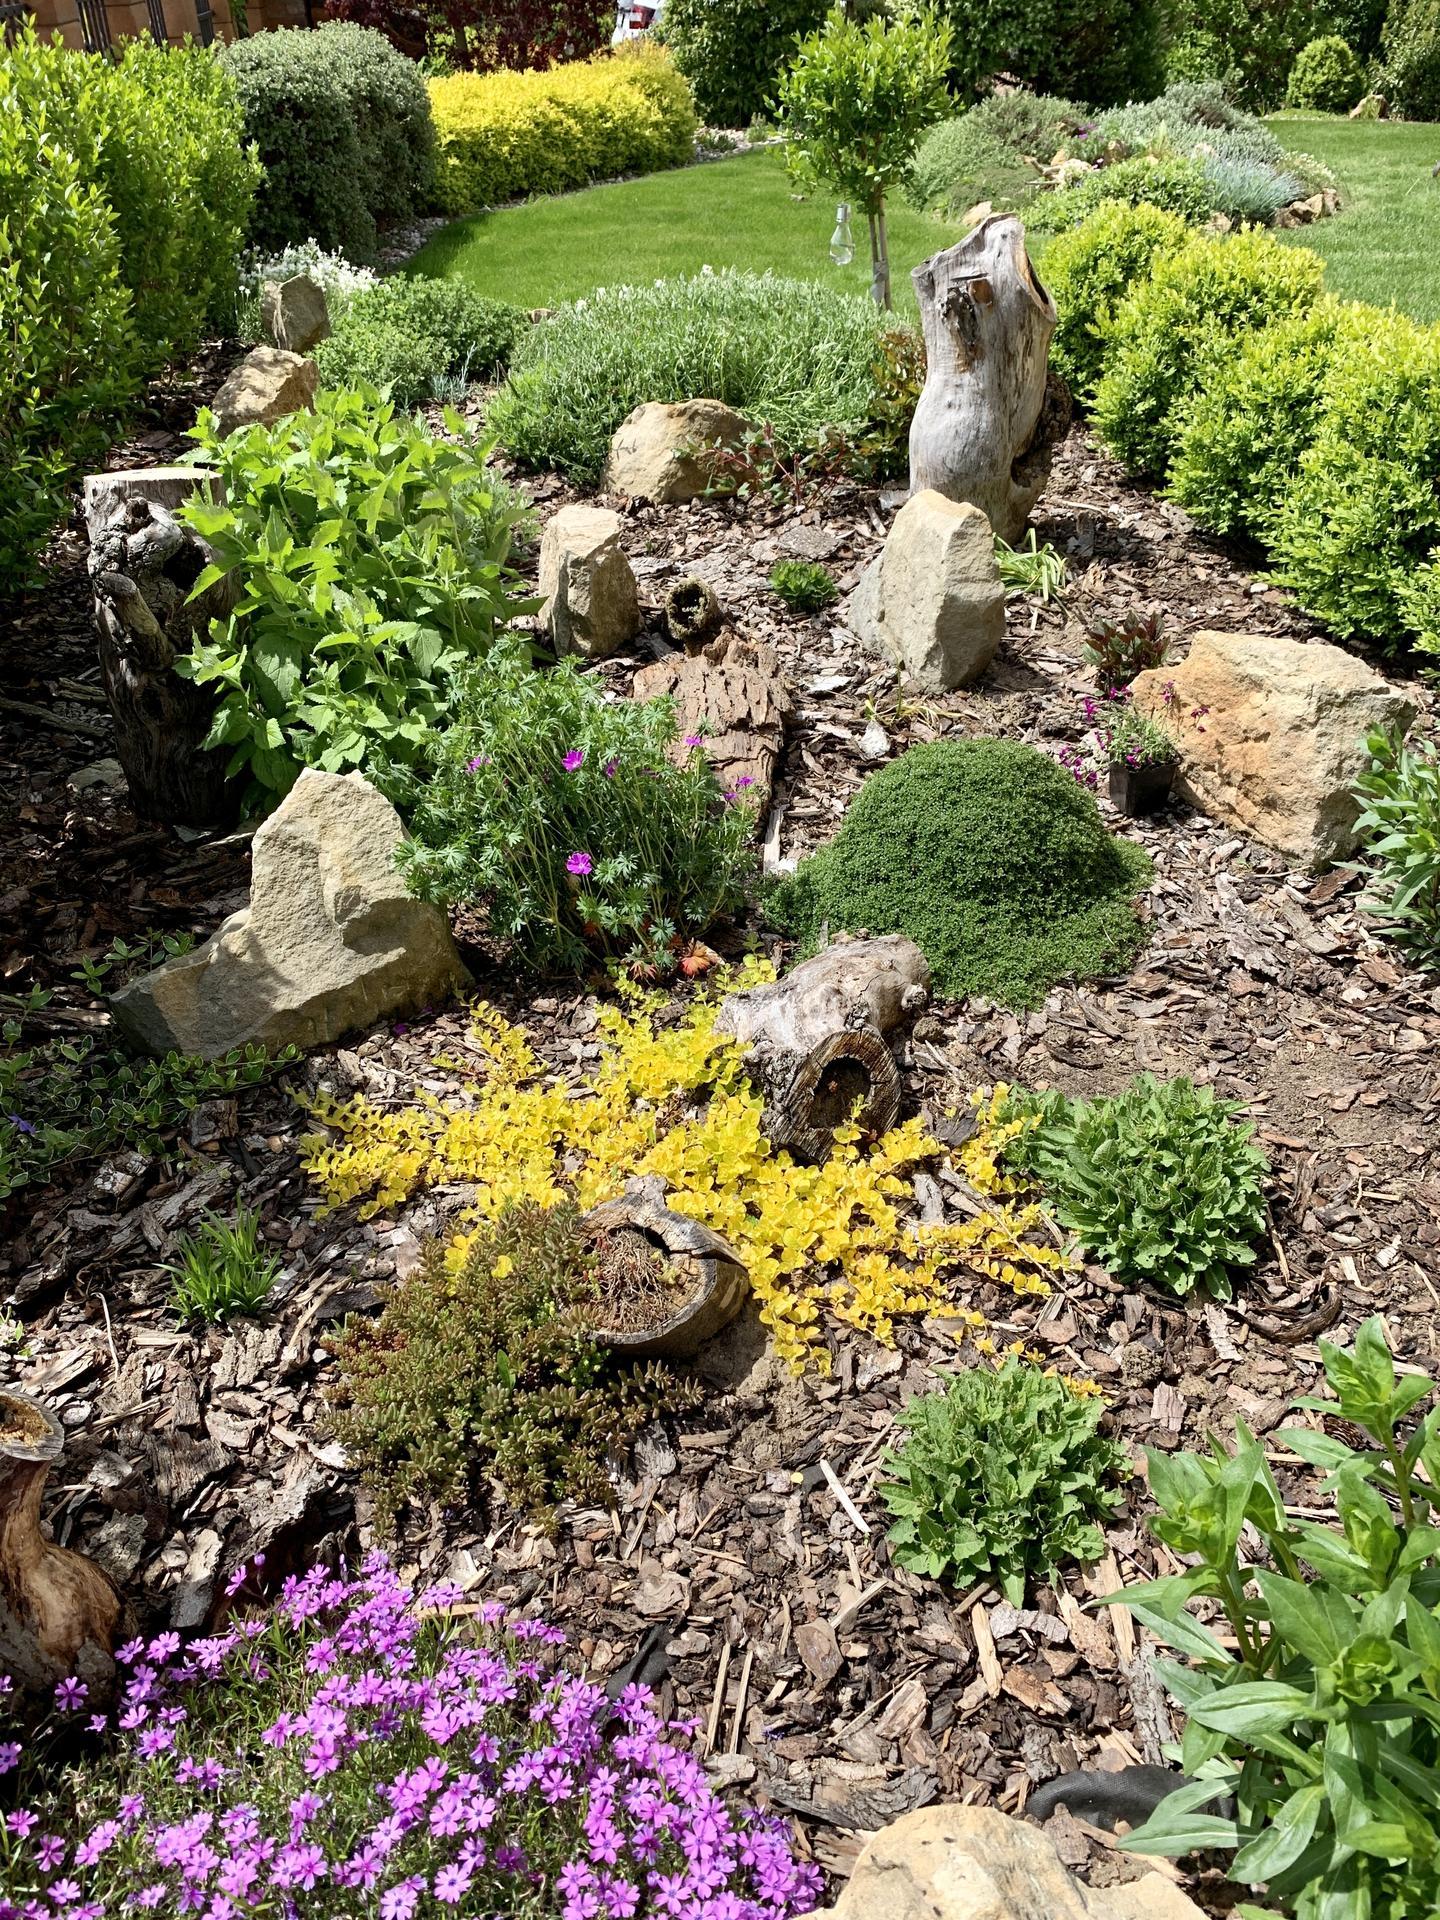 Naše barevná zahrada 🌸 - Zahradní zvonky, mateřídouška, iberka, koniklec, šalvěj, phloxy a mnoho dalších 🌸